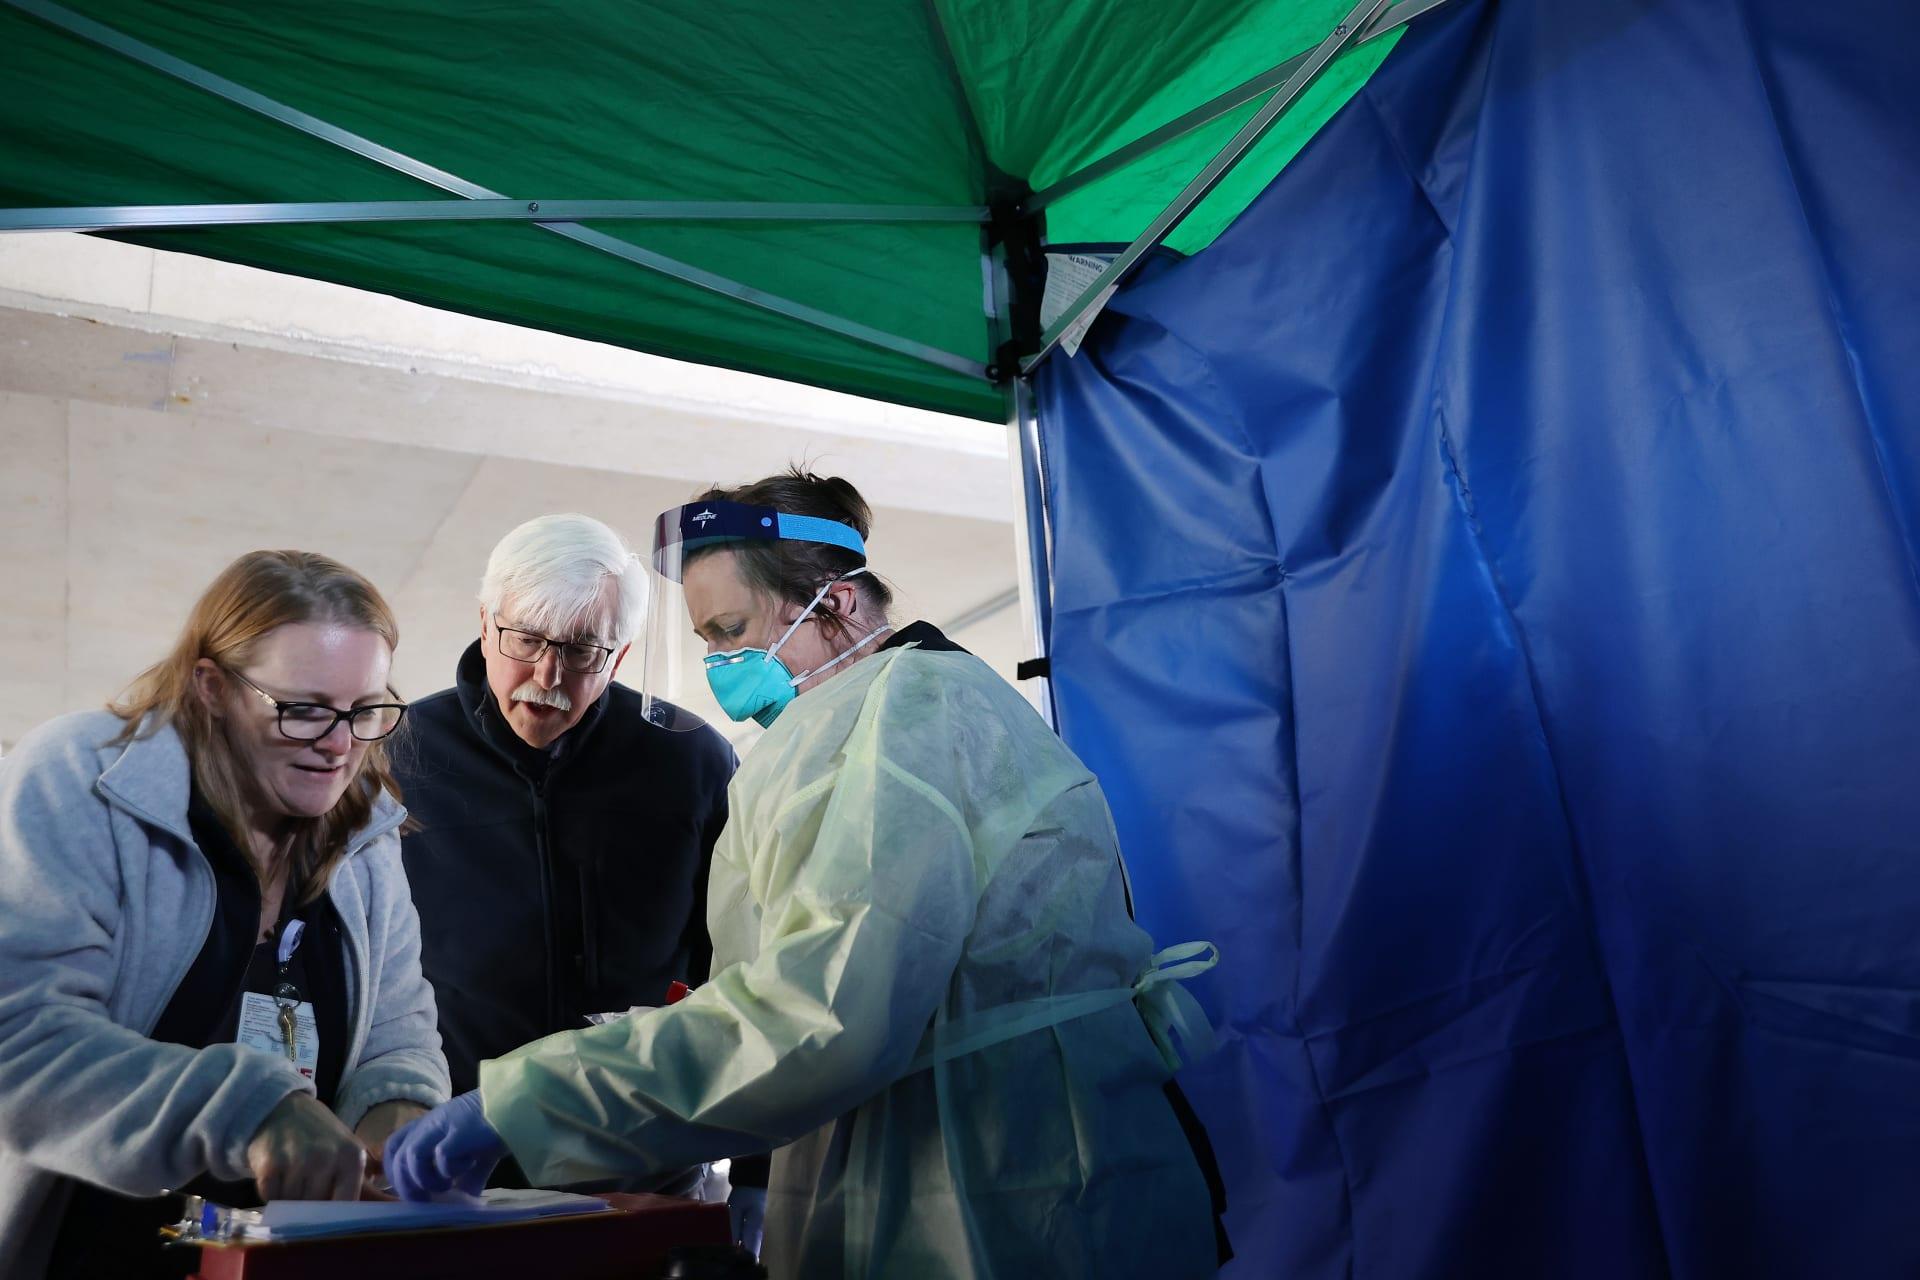 فريق طبي يجري اختبارات للكشف عن فيروس كورونا في الولايات المتحدة